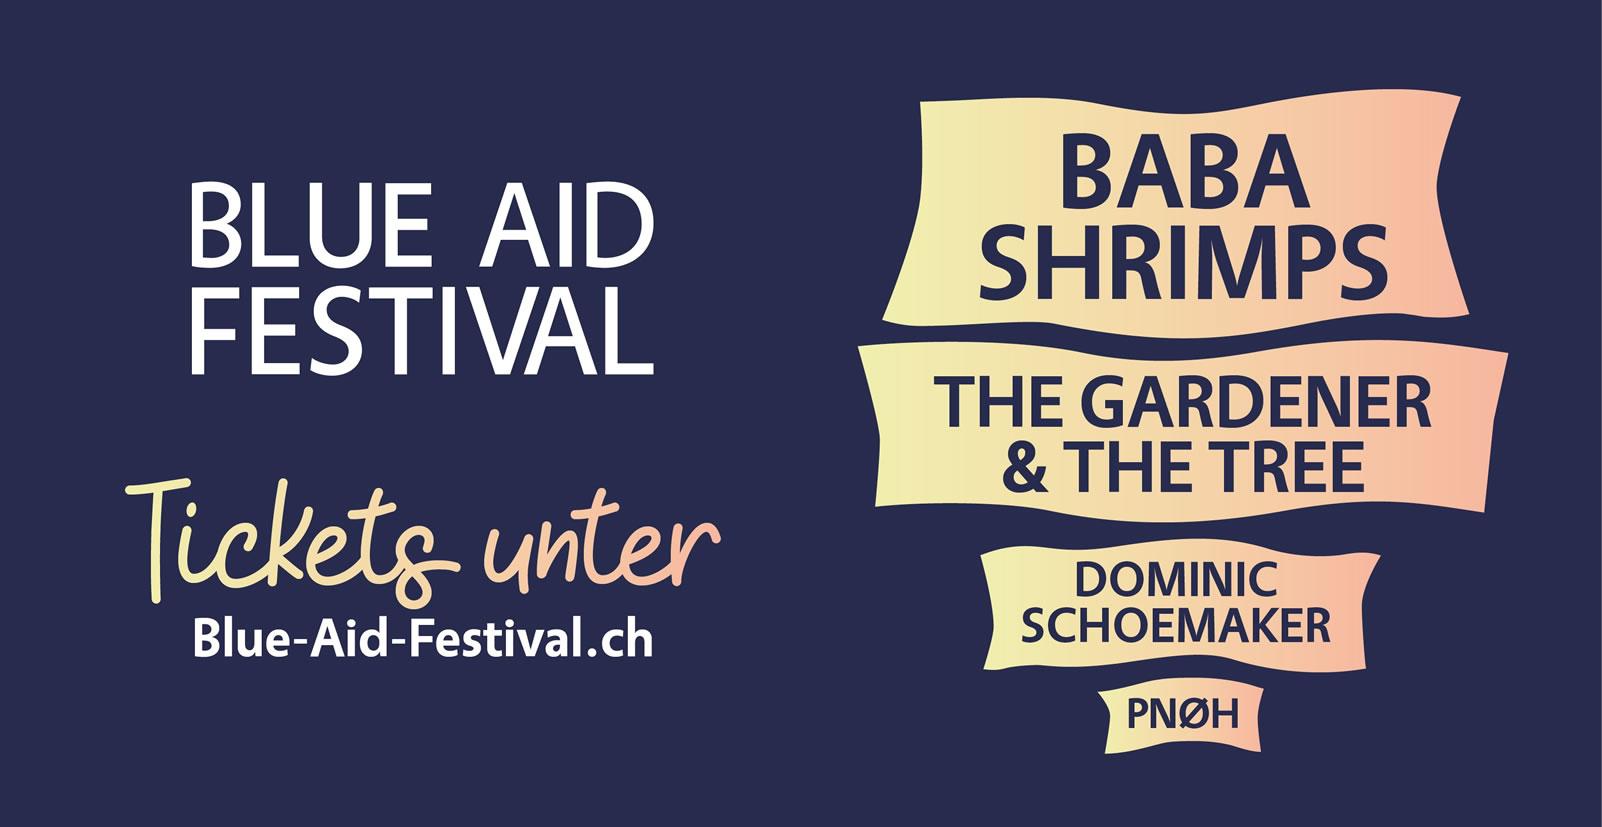 Baba Shrimps, the Gardener & the Tree, Dominic Schoemaker... beste Unterhaltung am Blue Aid Festival mit USL Veranstaltungstechnik